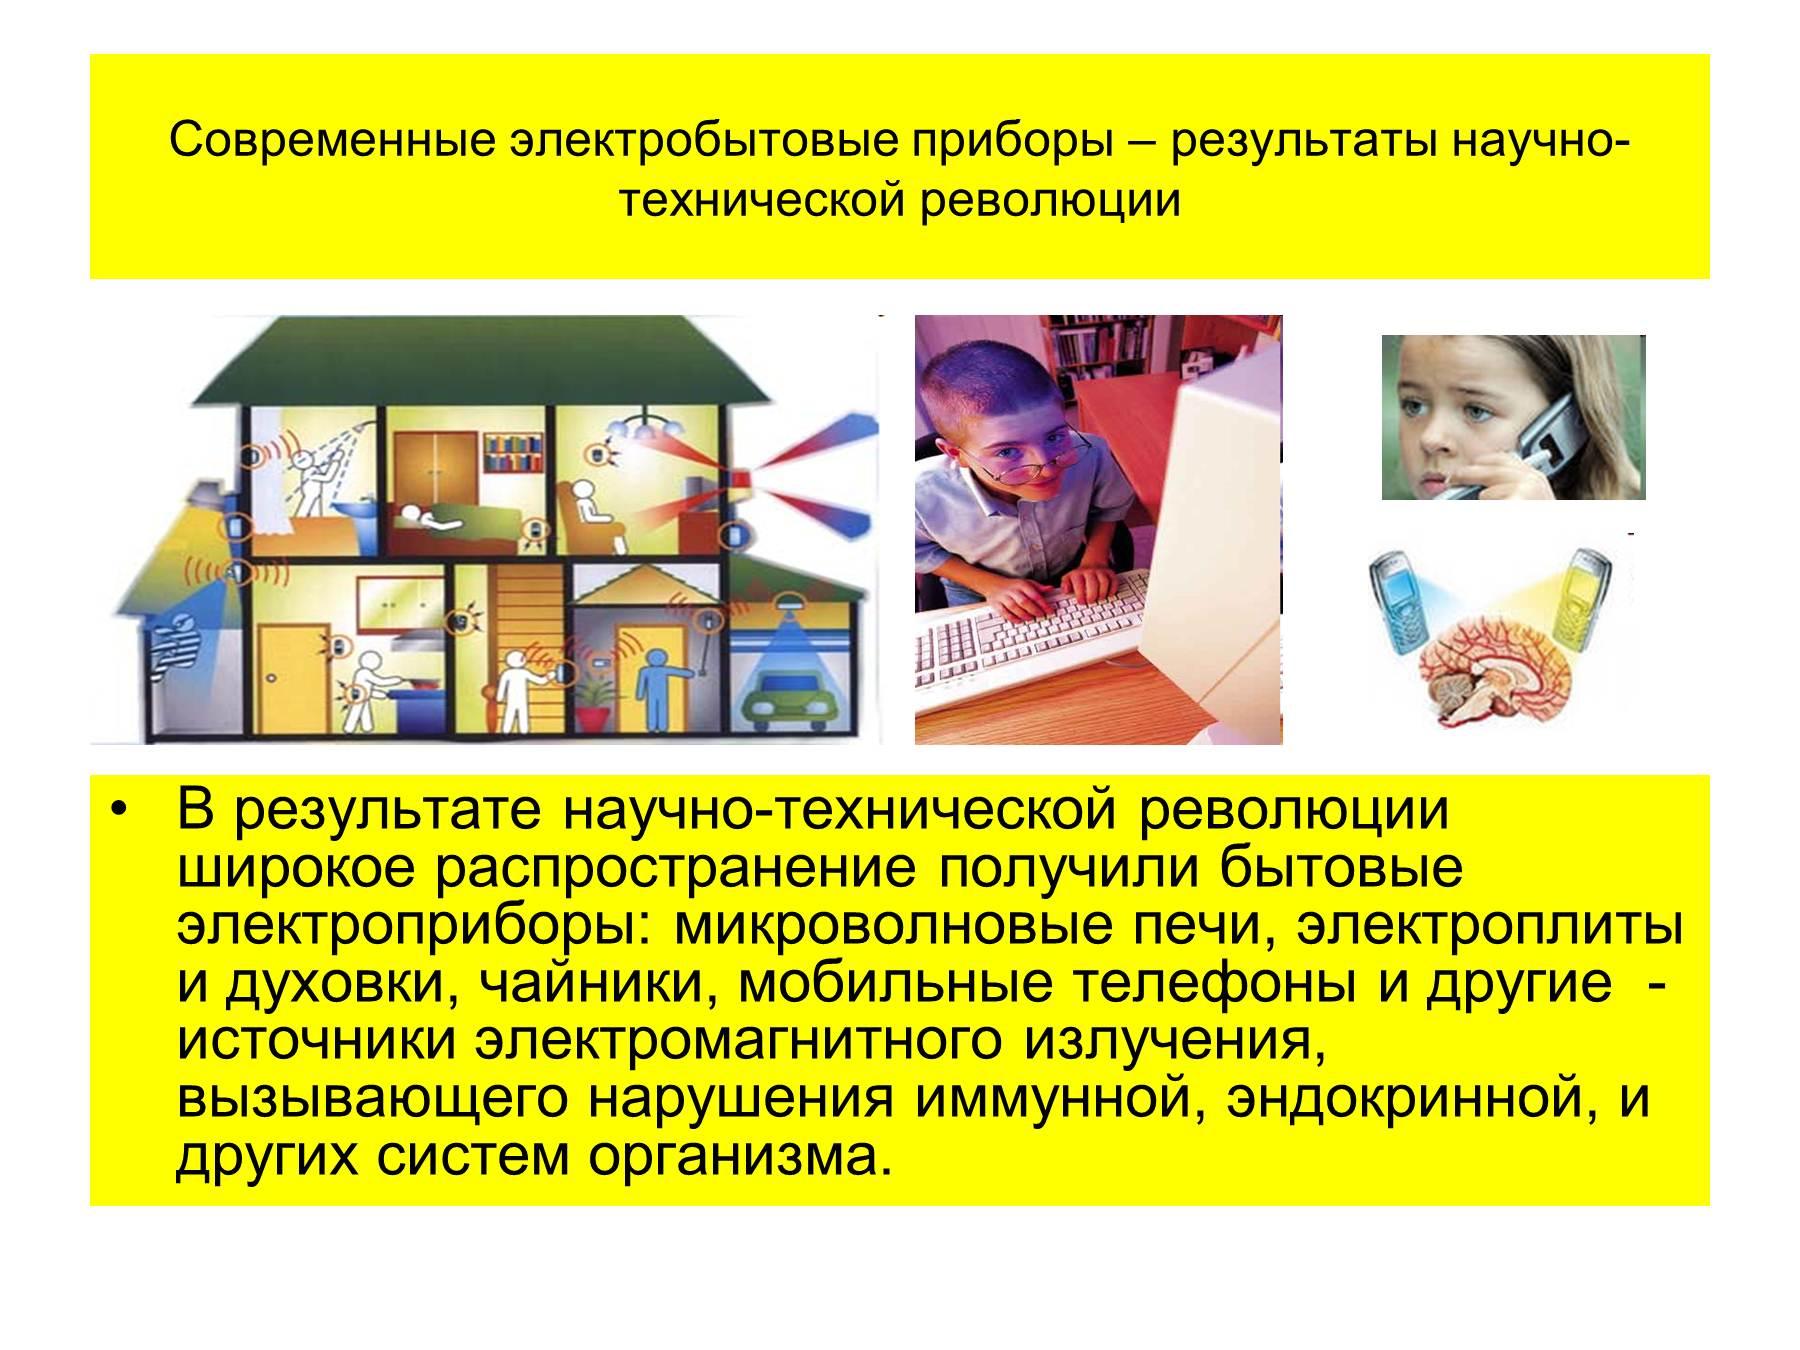 Классификация керамических бытовых товаров схема